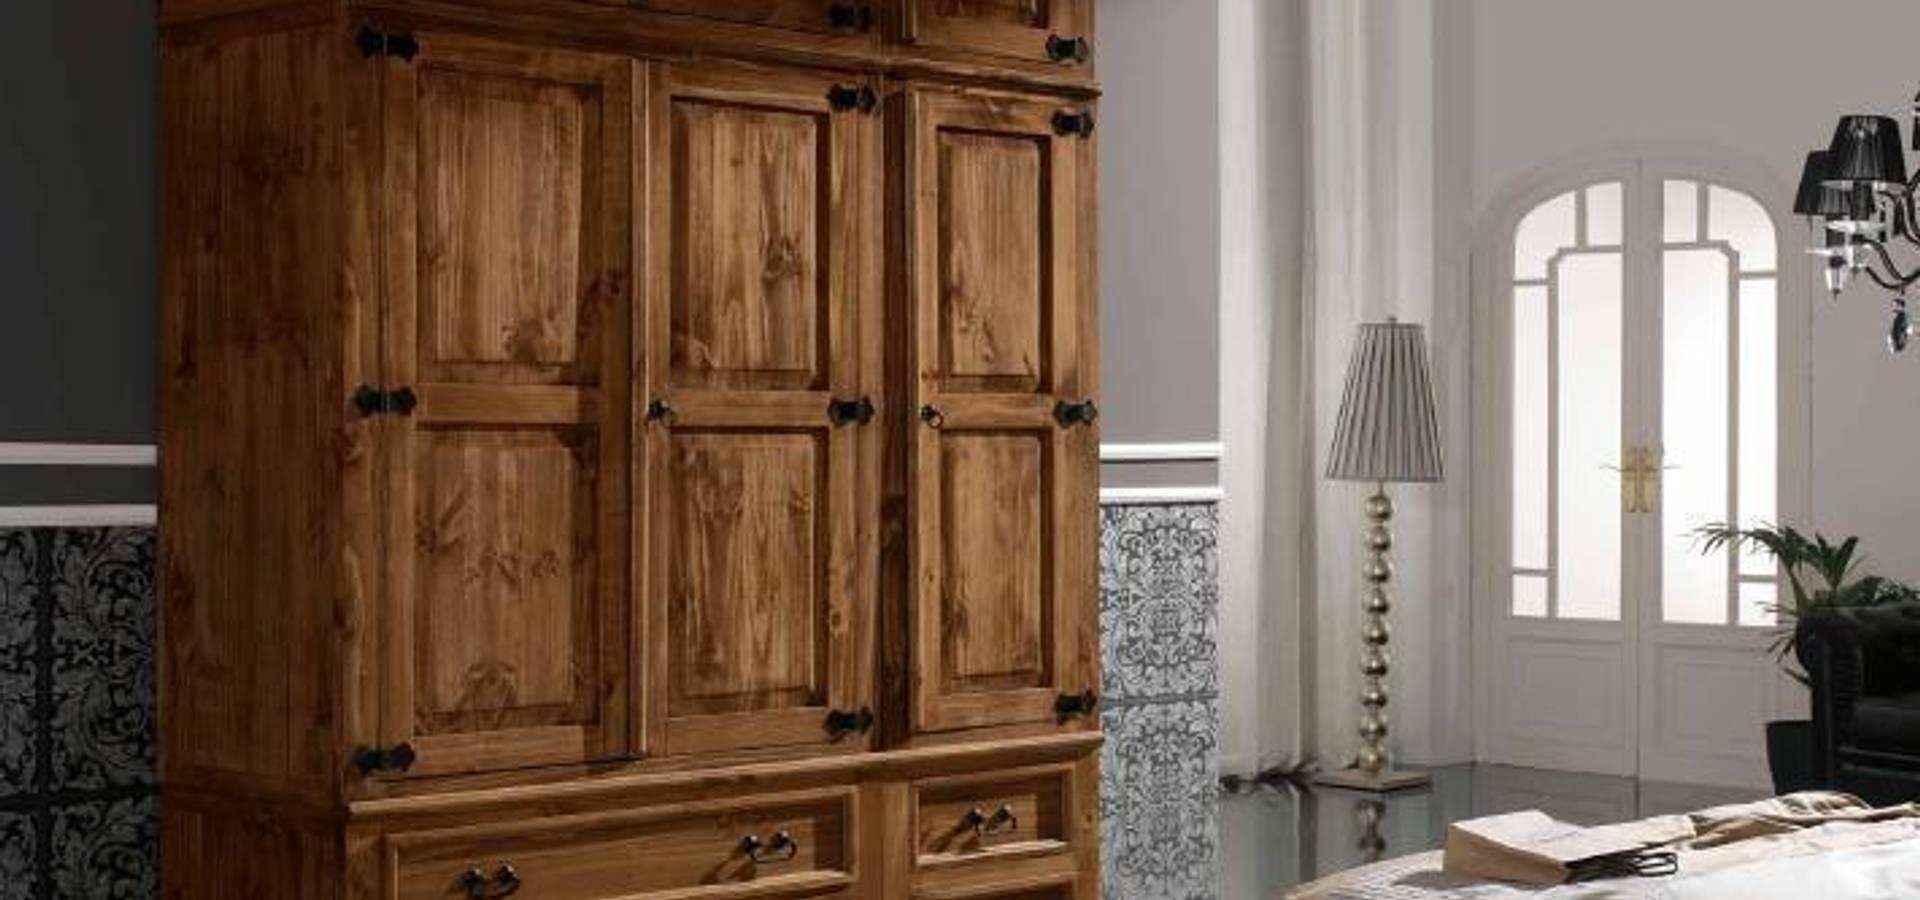 Armario r stico en madera maciza de silarte muebles for Muebles rusticos